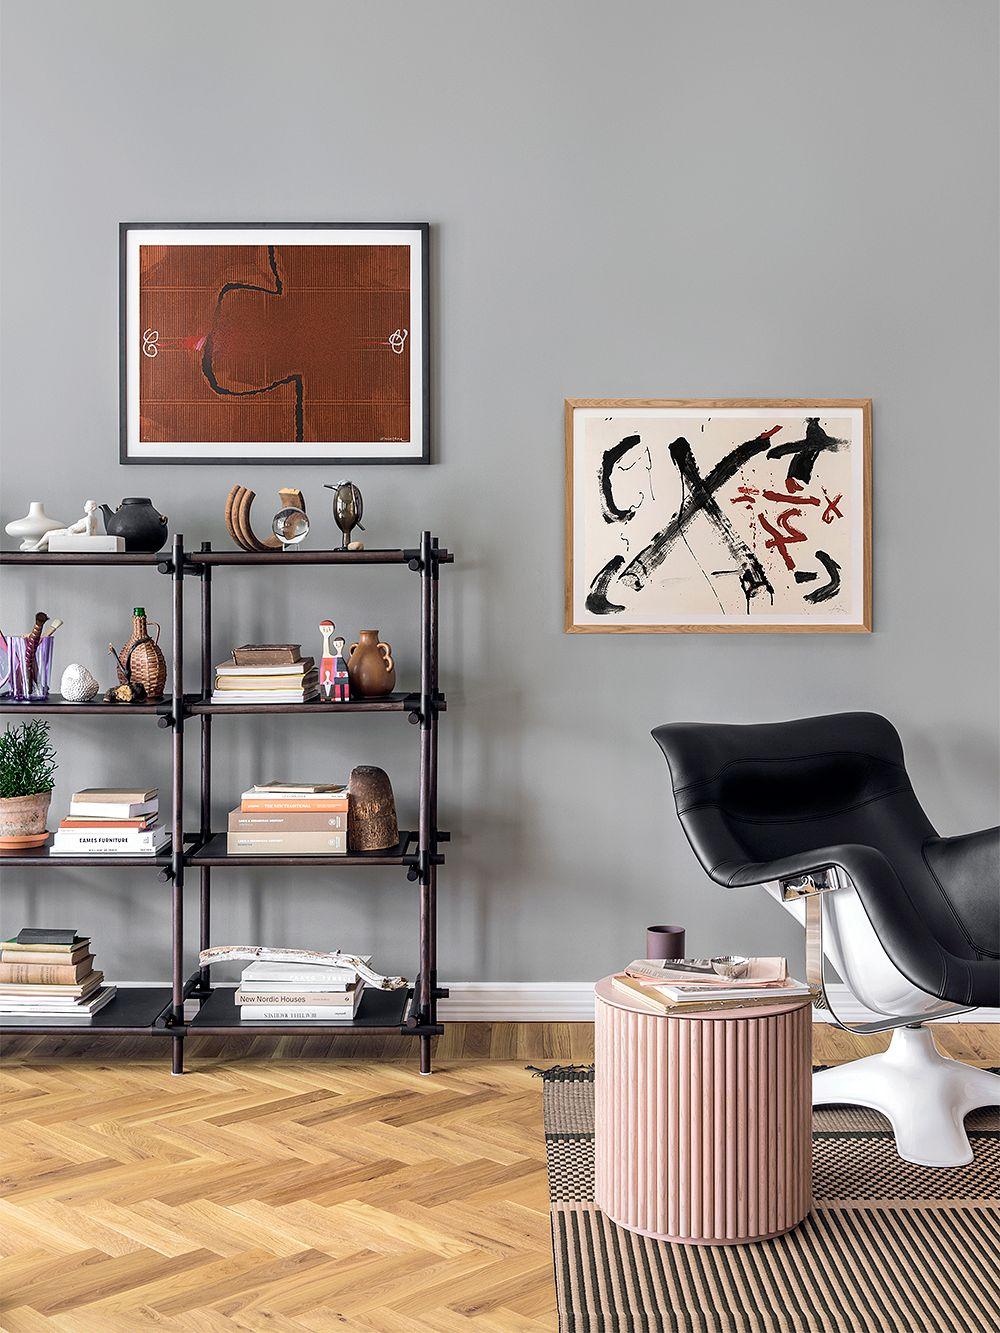 Fine art prints Enric Cormenzana Joan Miró